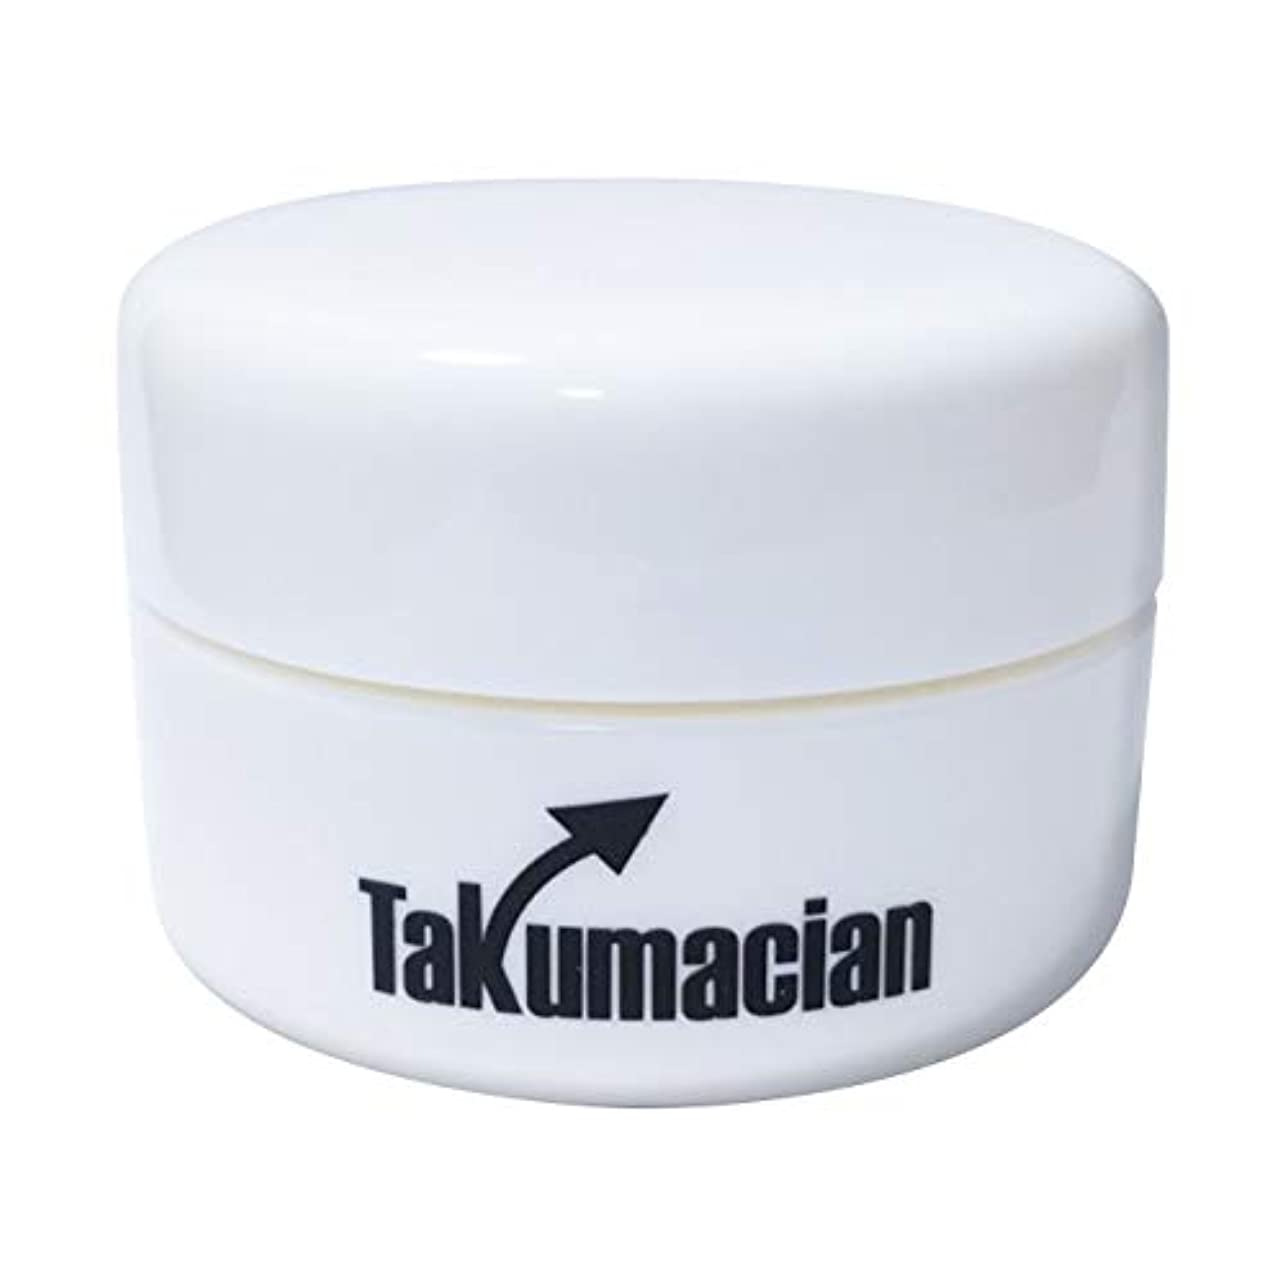 航海のクック考案するTakumacian タクマシアン ボディ用クリーム 男性用 長持ち 自信